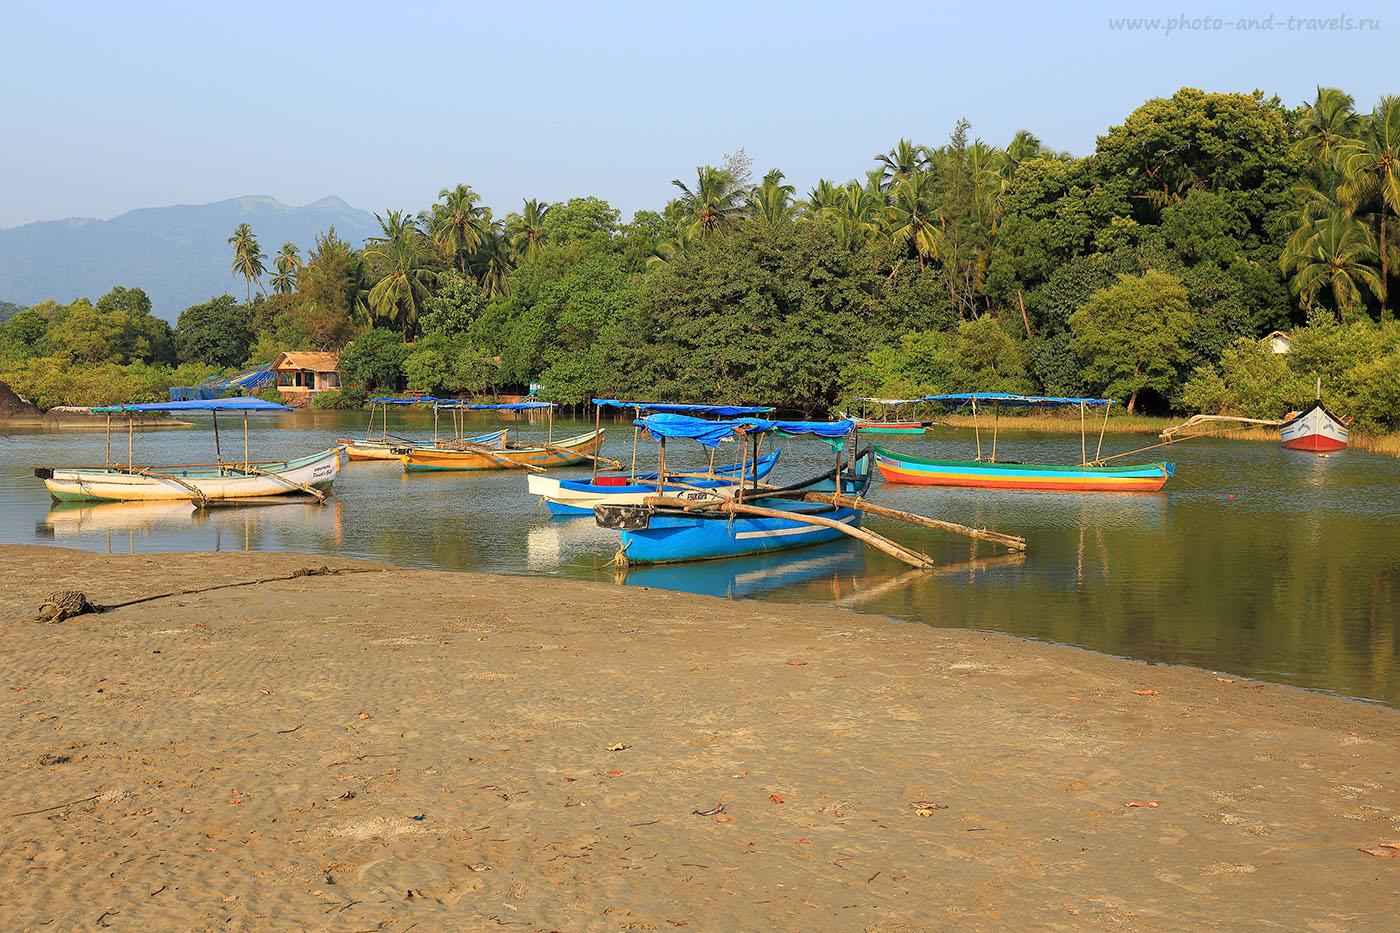 Фото 14. Лодки. Отчеты туристов про отдых на пляже Палолем в Южном Гоа. Поездка в Индию самостоятельно (24-70, 1/125, 0eV, f9, 44mm, ISO 100)